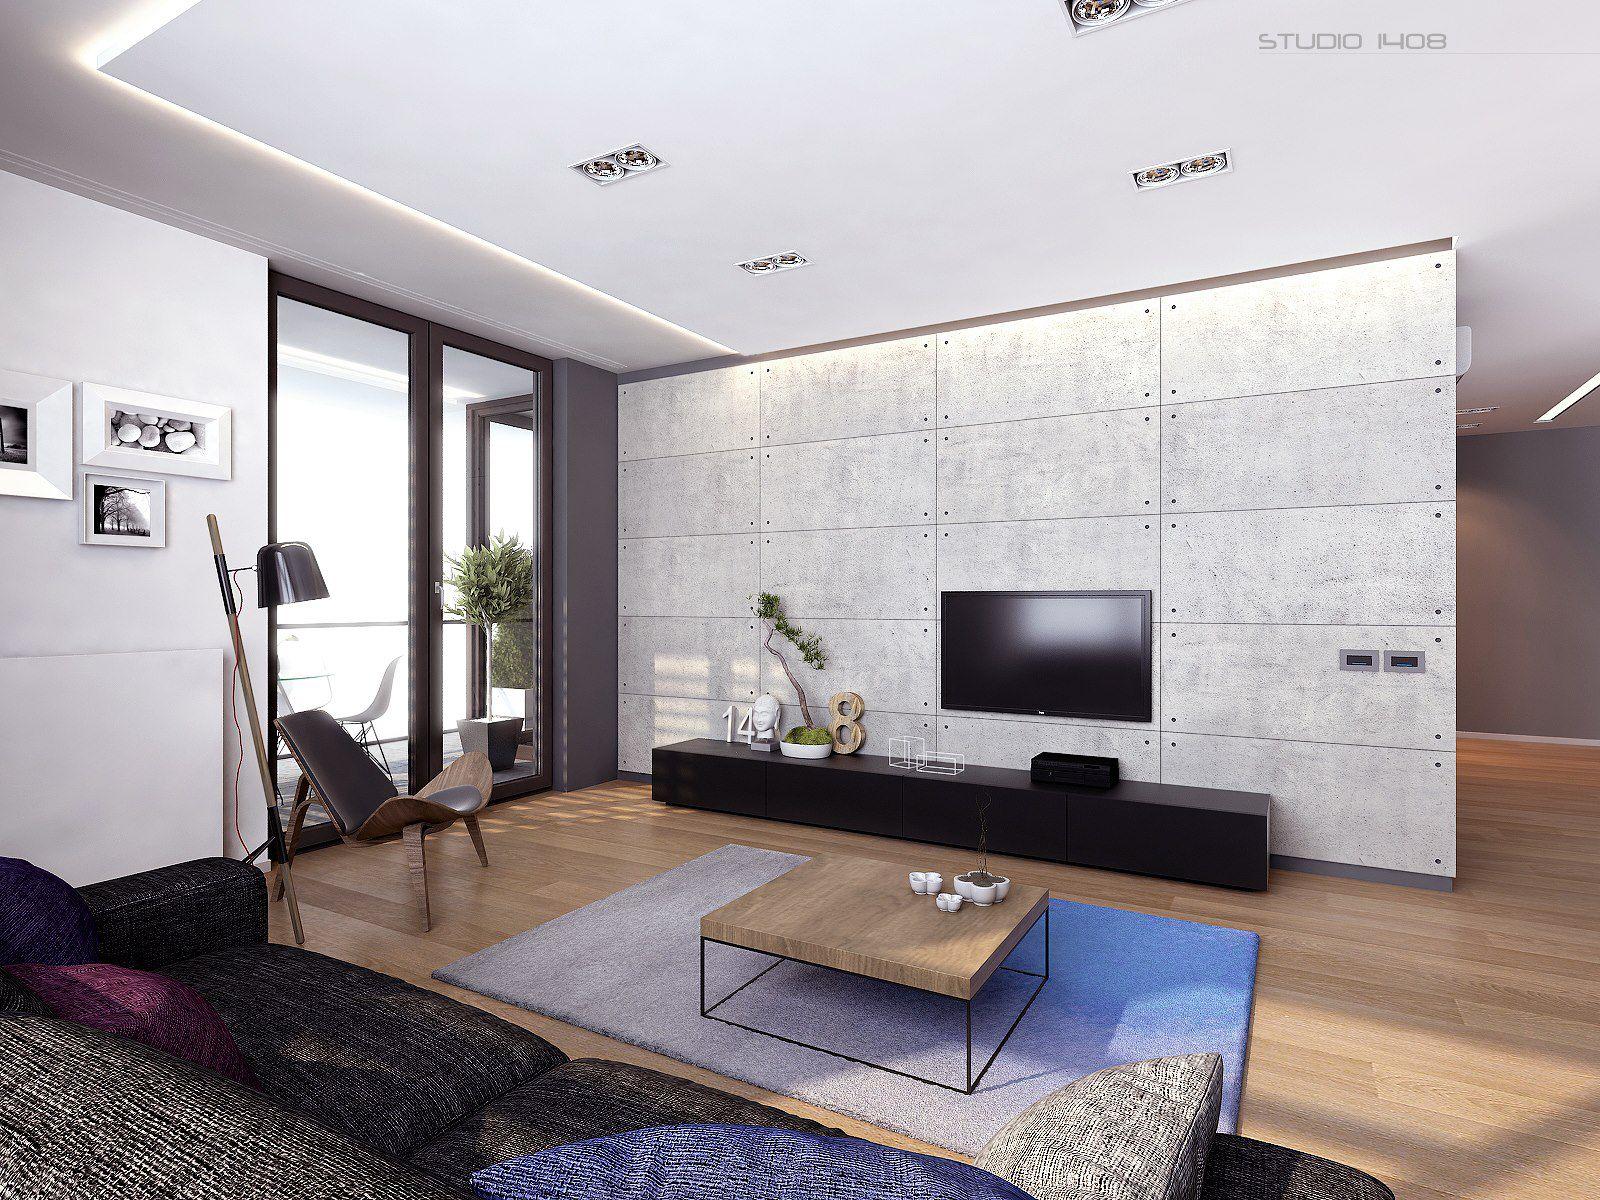 дизайн квартир простой стиль фото их-то молодожены